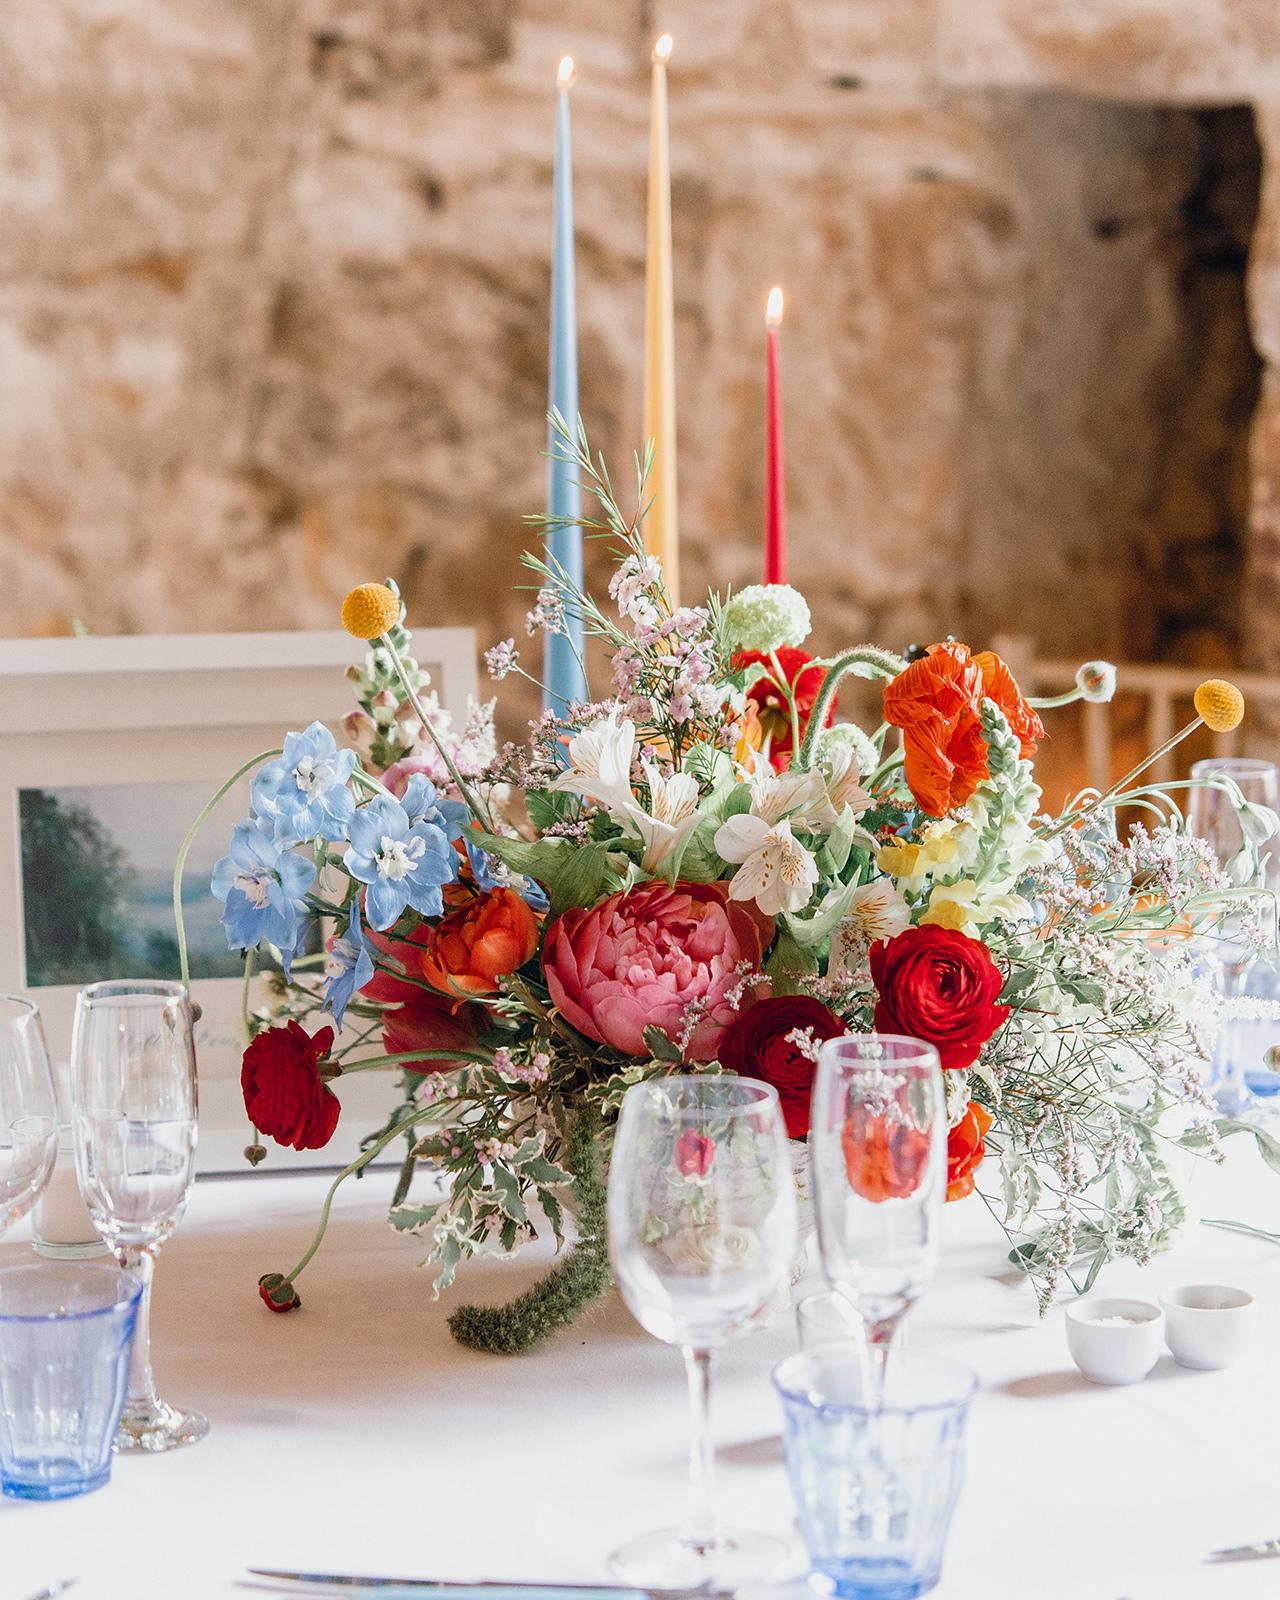 colorful floral candle arrangement table centerpieces